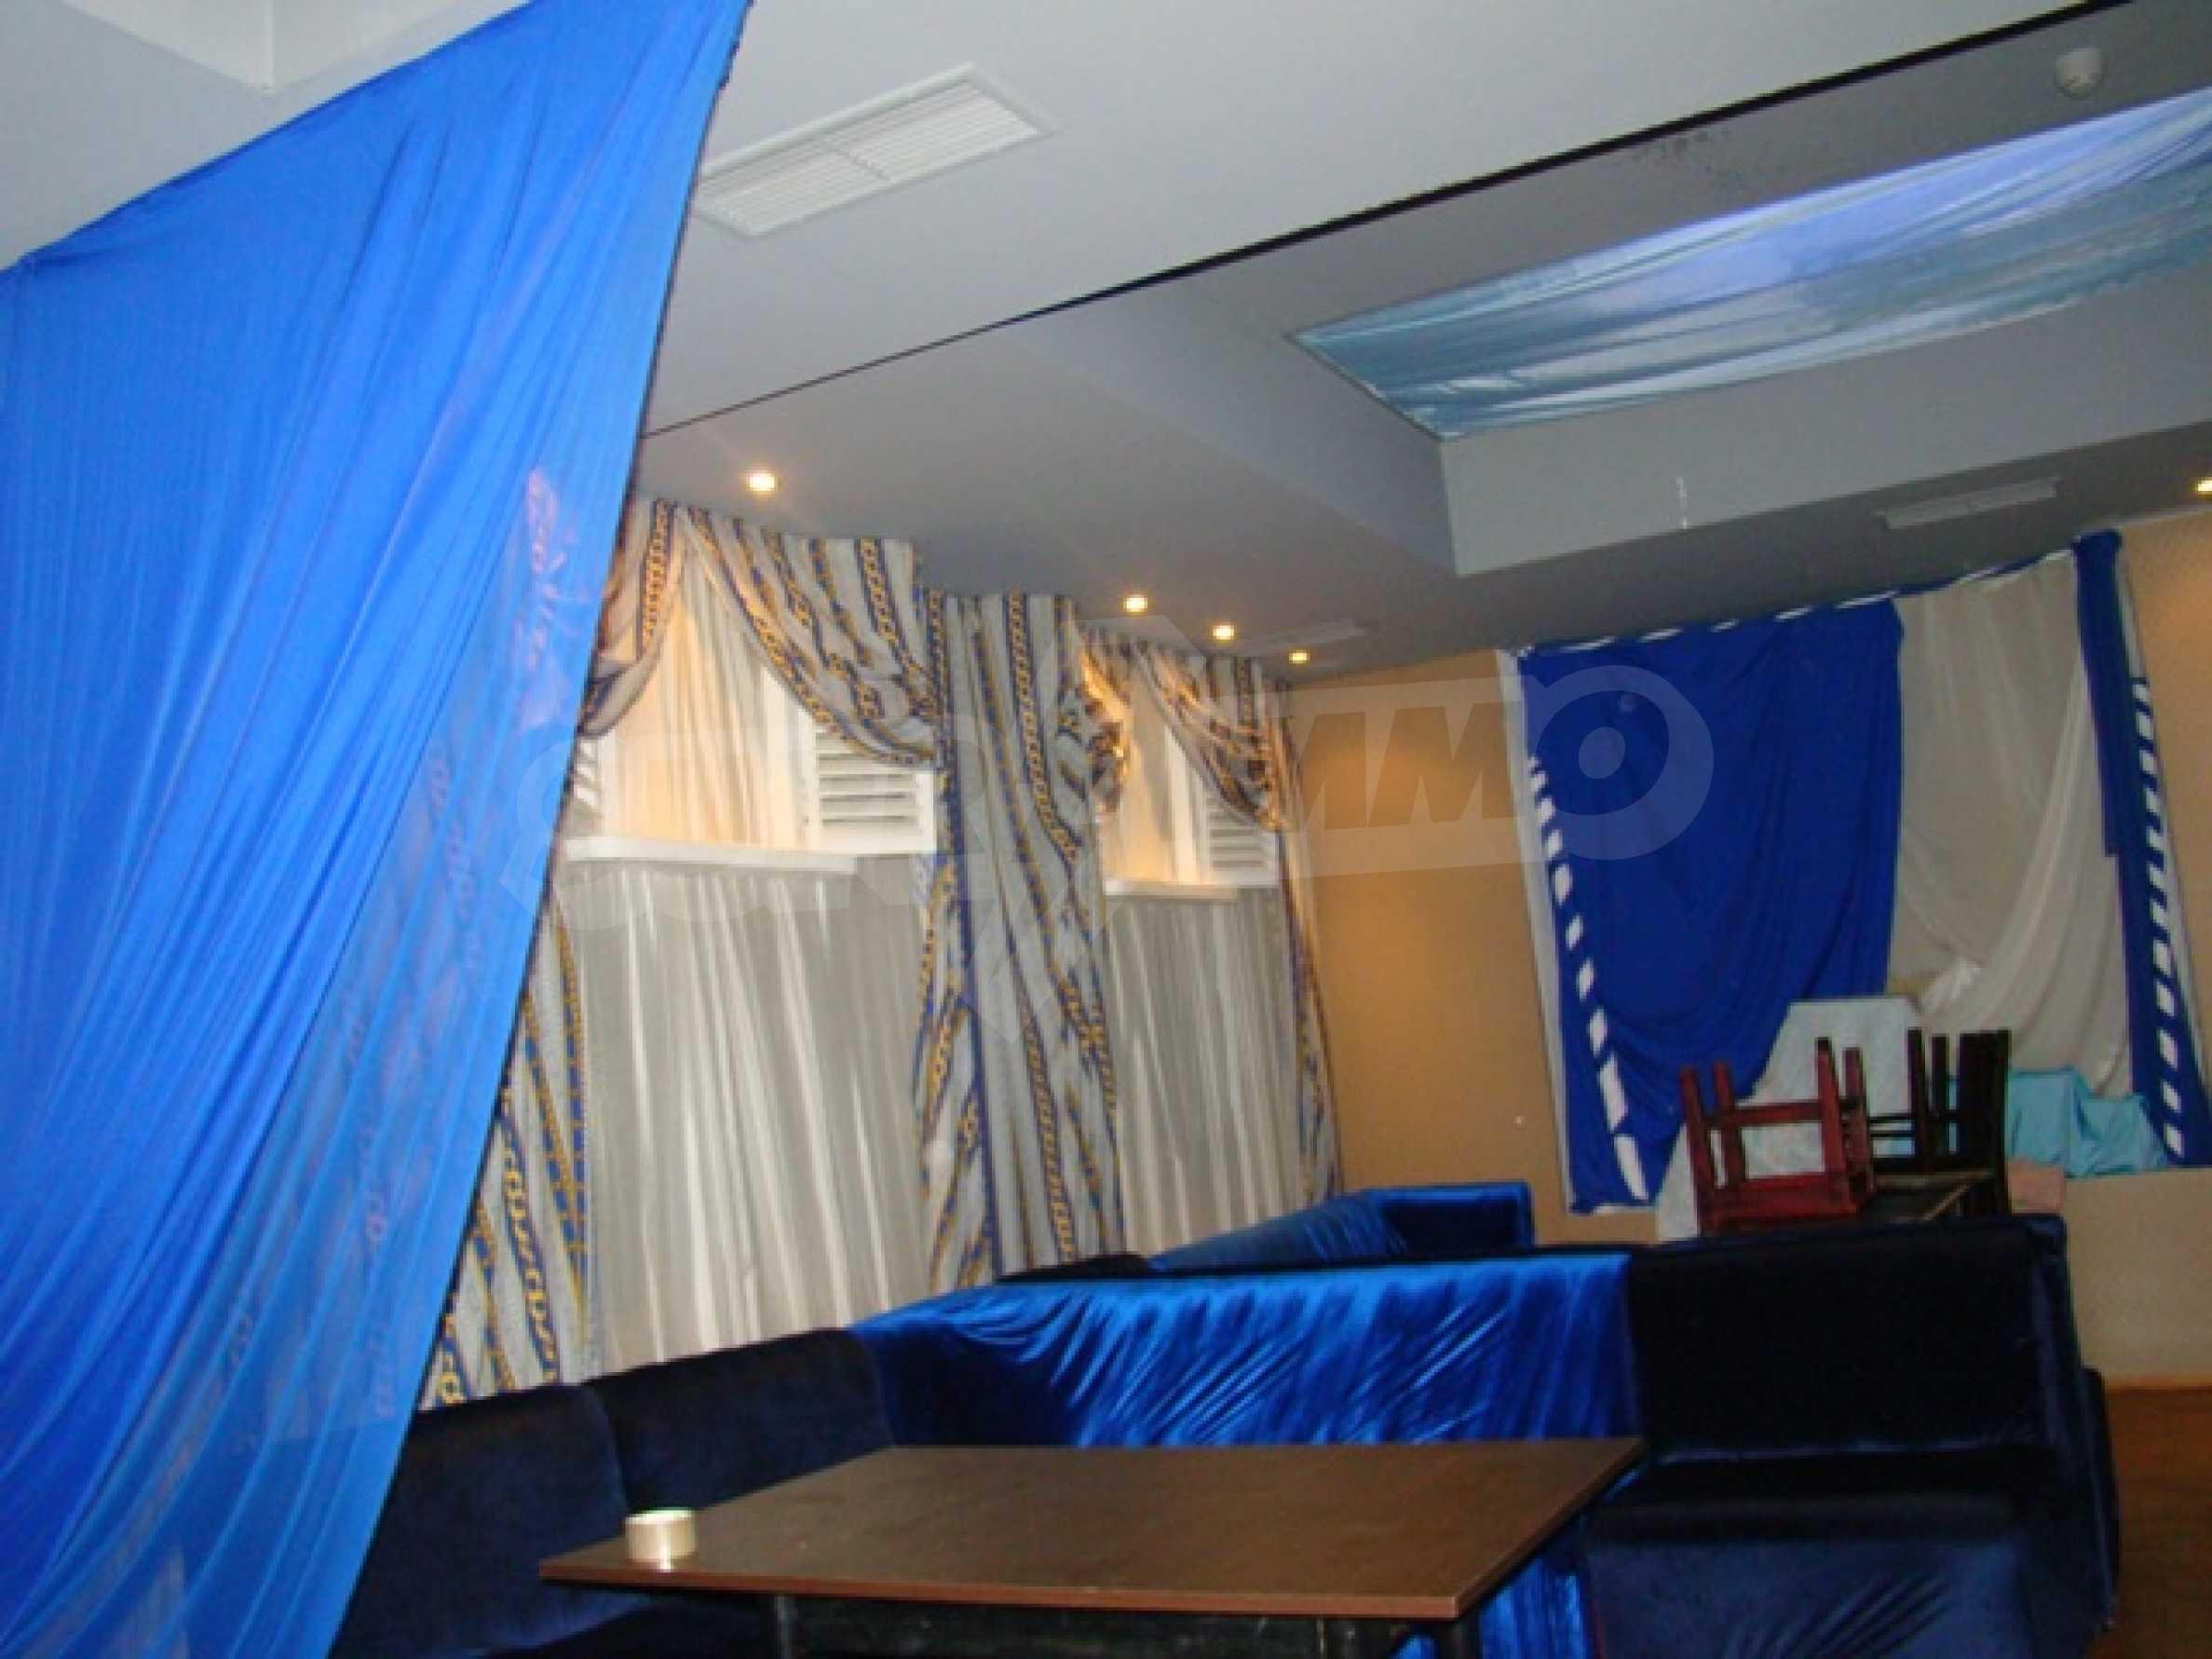 Обустроенный ночной клуб в центре Софии 32